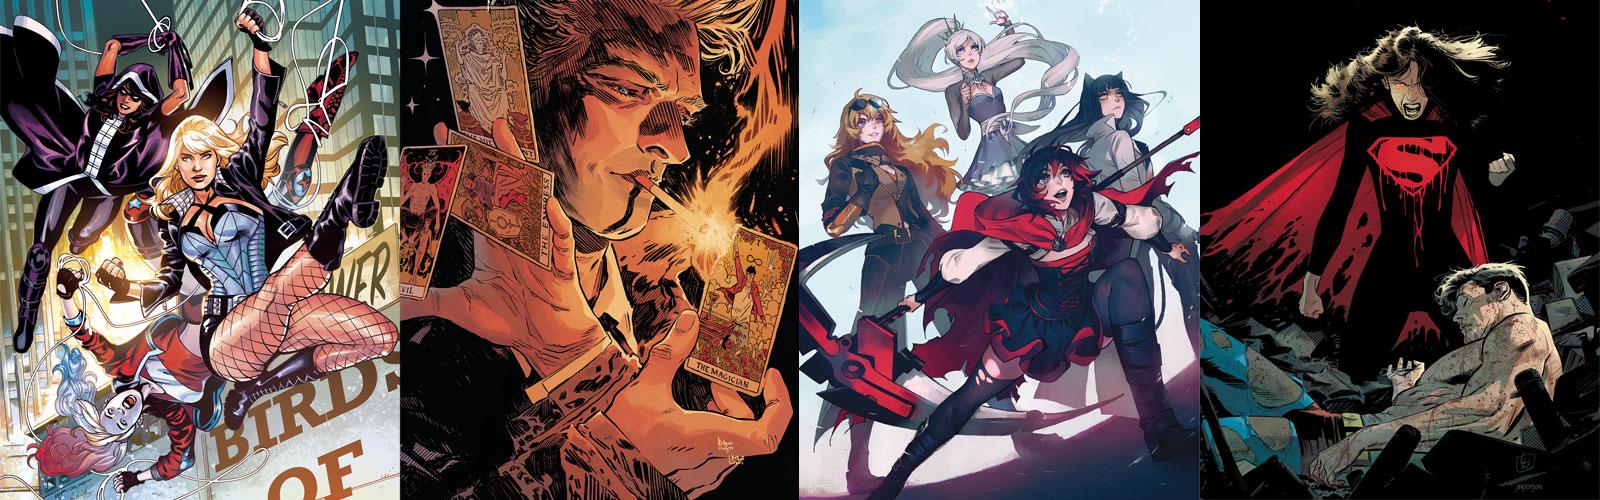 Solicitations: October 2019 – DC Comics